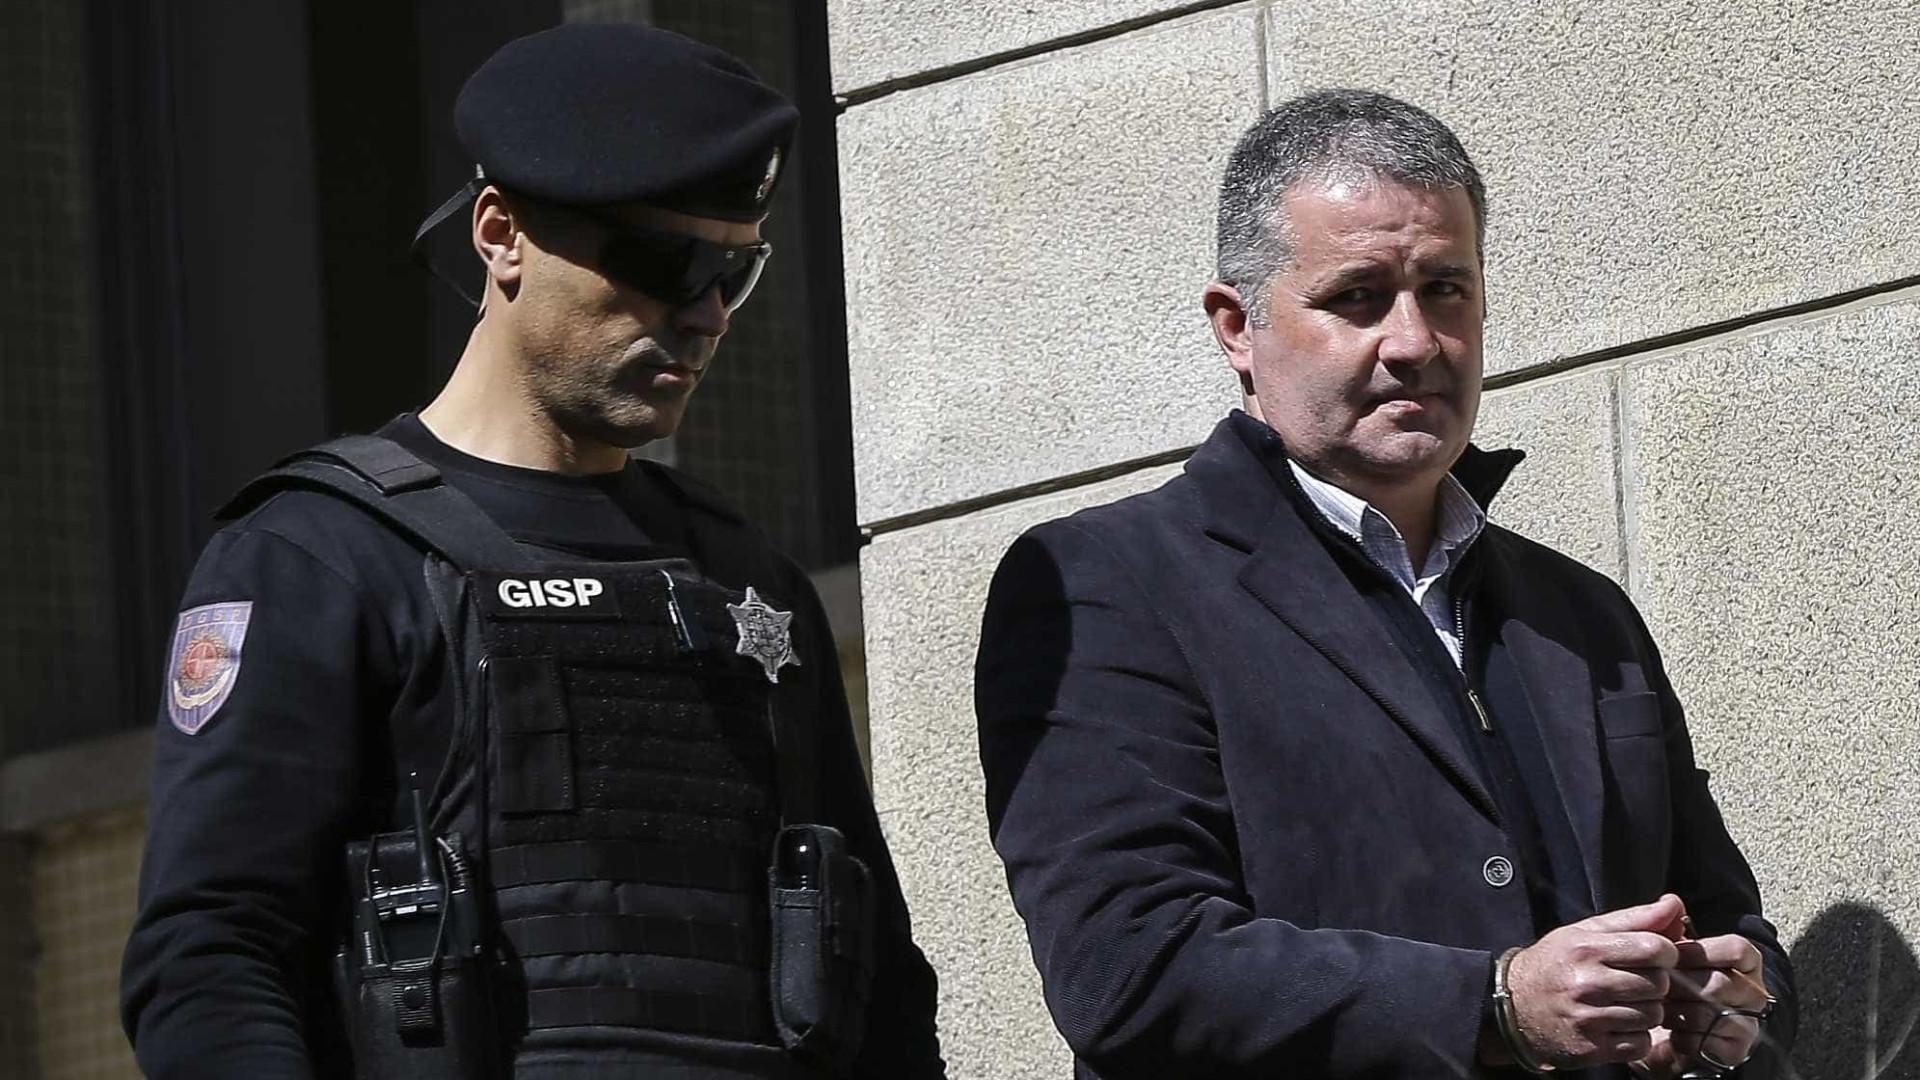 Sentença de Pedro Dias lida amanhã, mas sem a presença do suspeito